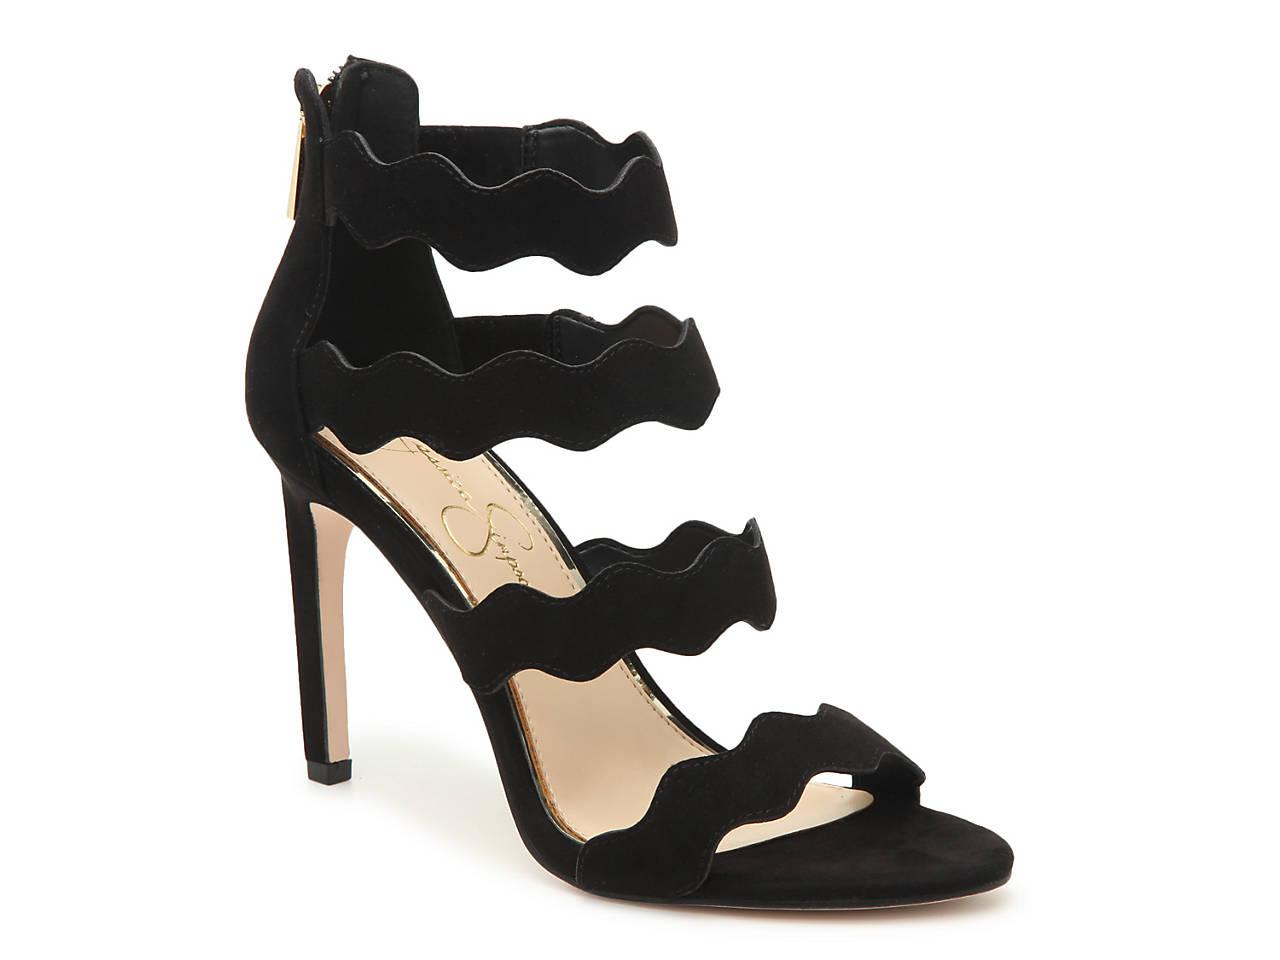 a4af6130f6a2 Jessica Simpson Chandri Sandal Women s Shoes